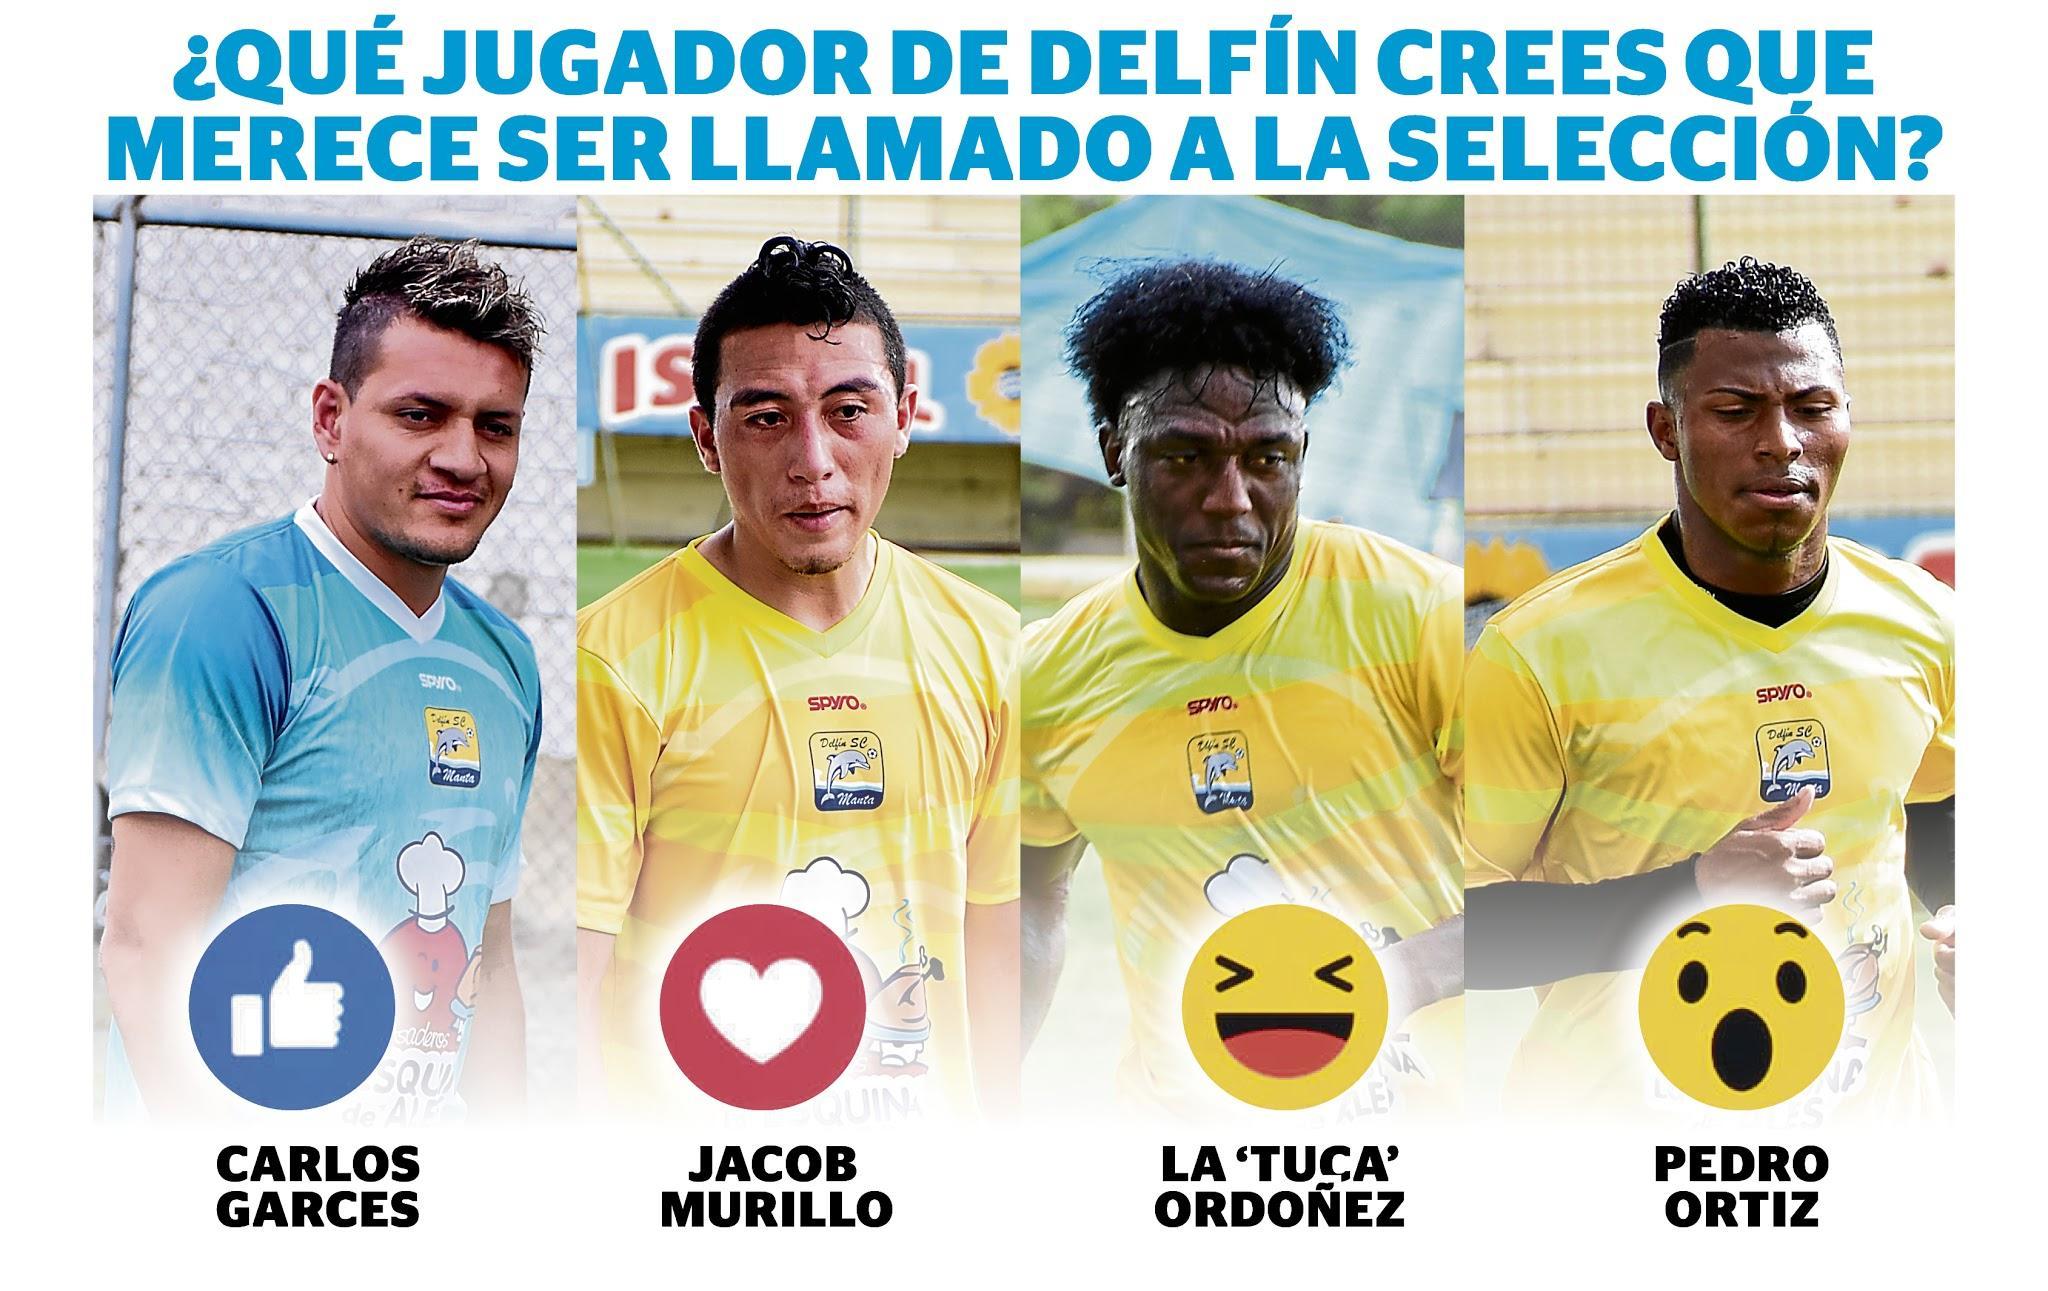 Encuesta: ¿A qué jugador del Delfín te gustaría ver en Selección de fútbol de Ecuador?